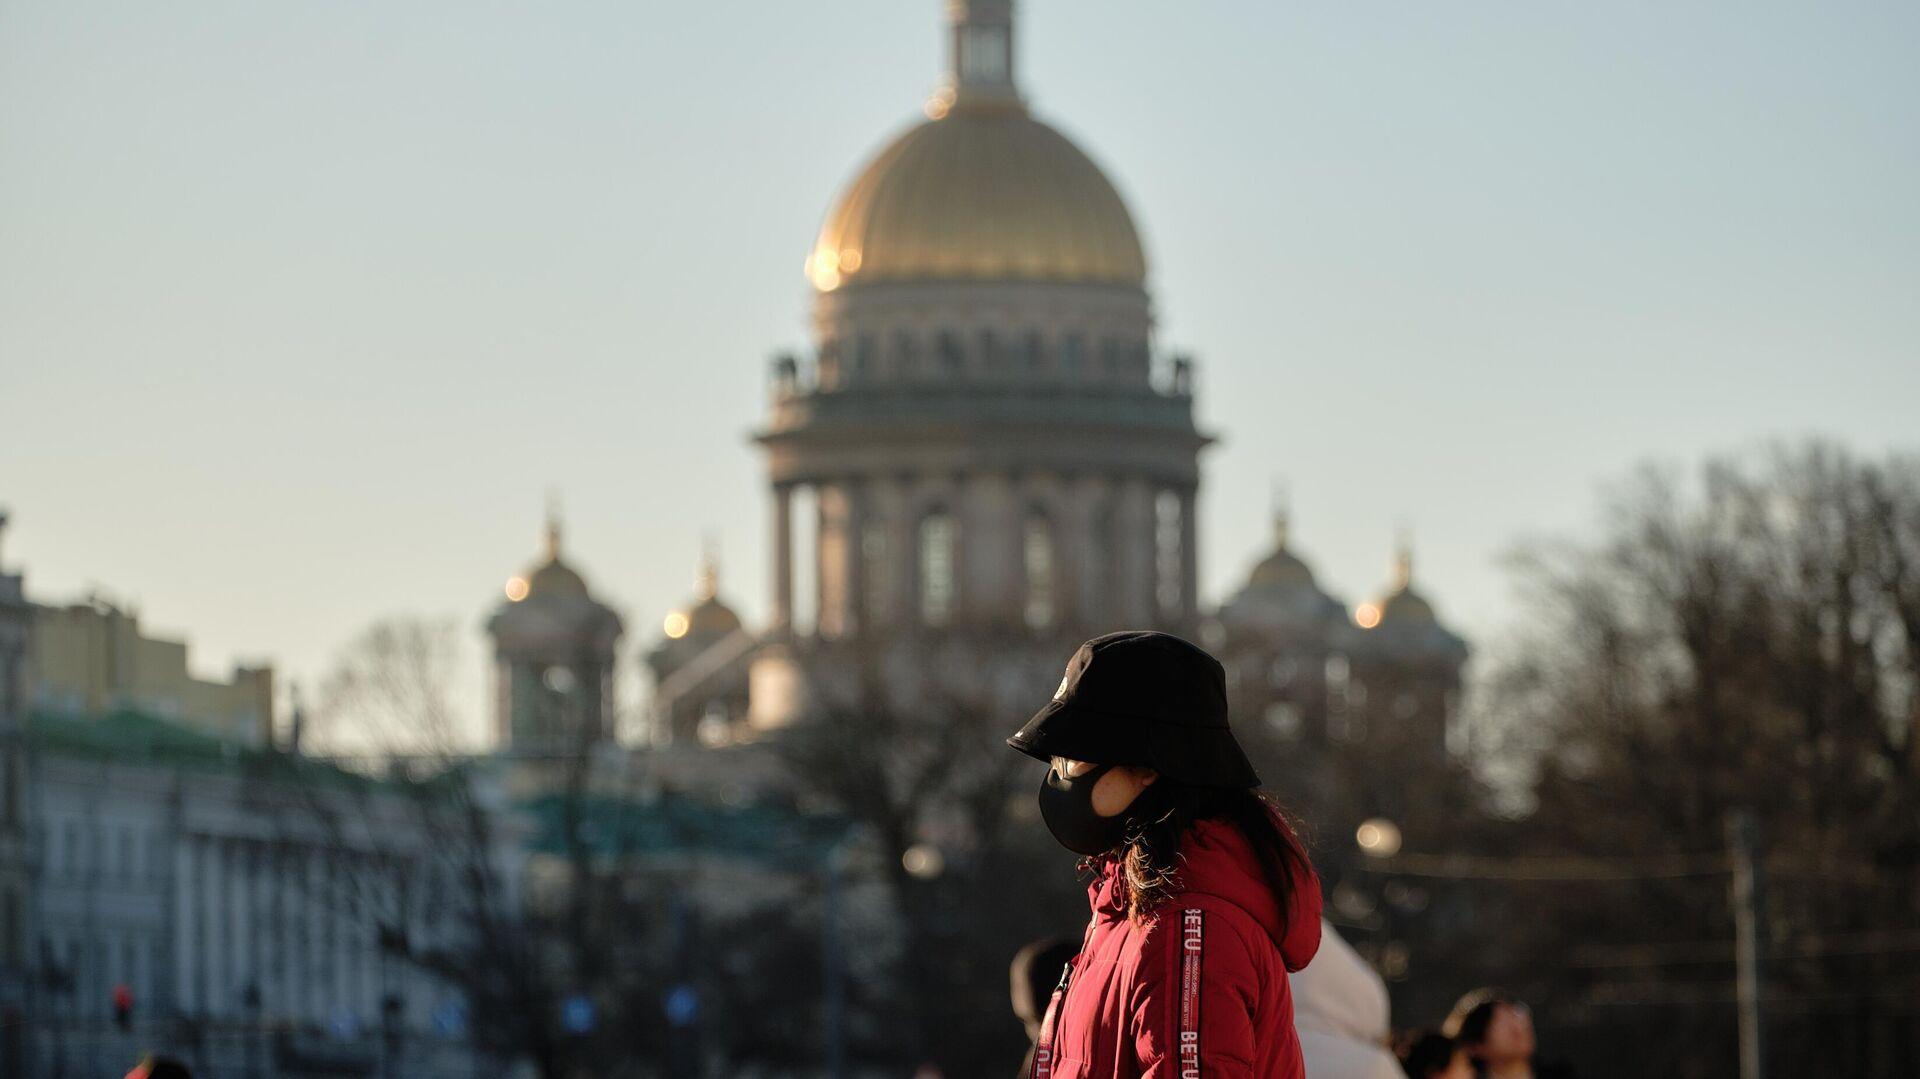 Китайская туристка на Дворцовой площади в Санкт-Петербурге - РИА Новости, 1920, 21.12.2020